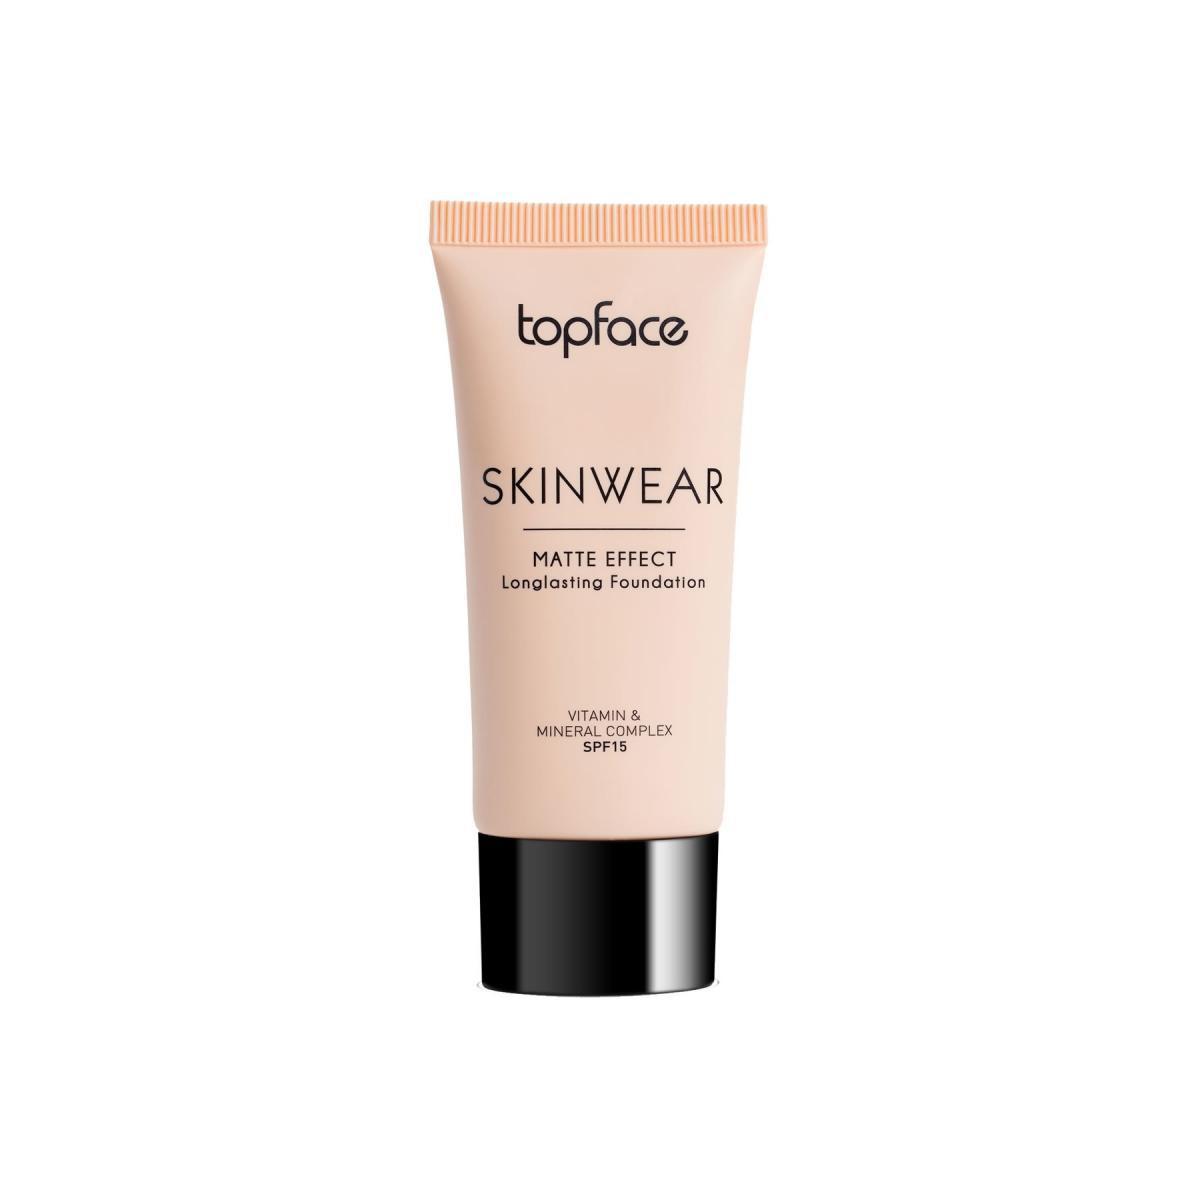 کرم تیوبی اسکین ویر تاپ فیس - Topface Skinwear Matte Effect Longlasting Foundation